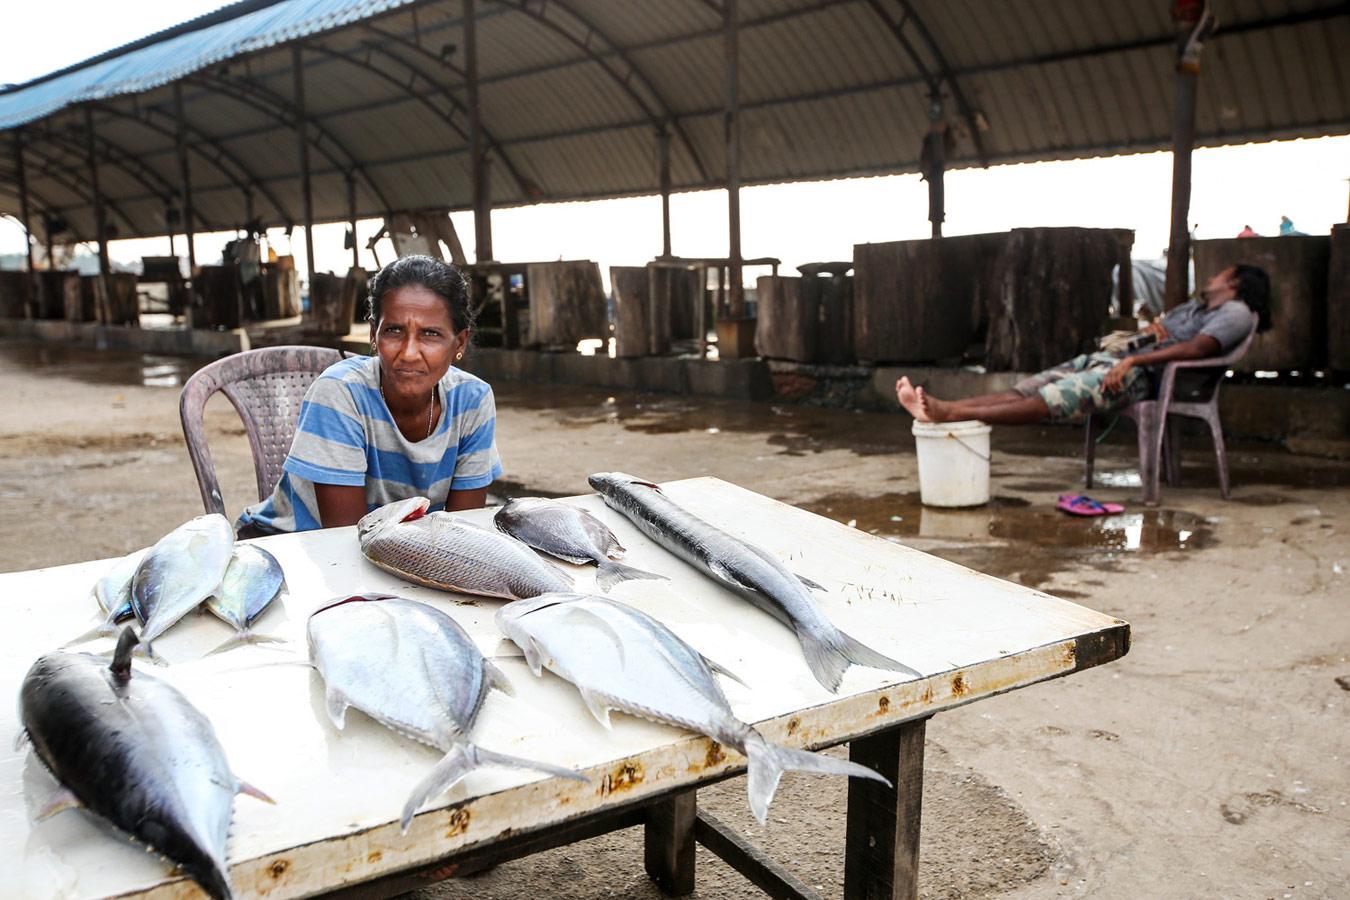 Рыбный рынок Негомбо, Шри-Ланка, © Сынгук Ли, Южная Корея, Конкурс портретной фотографии Kuala Lumpur